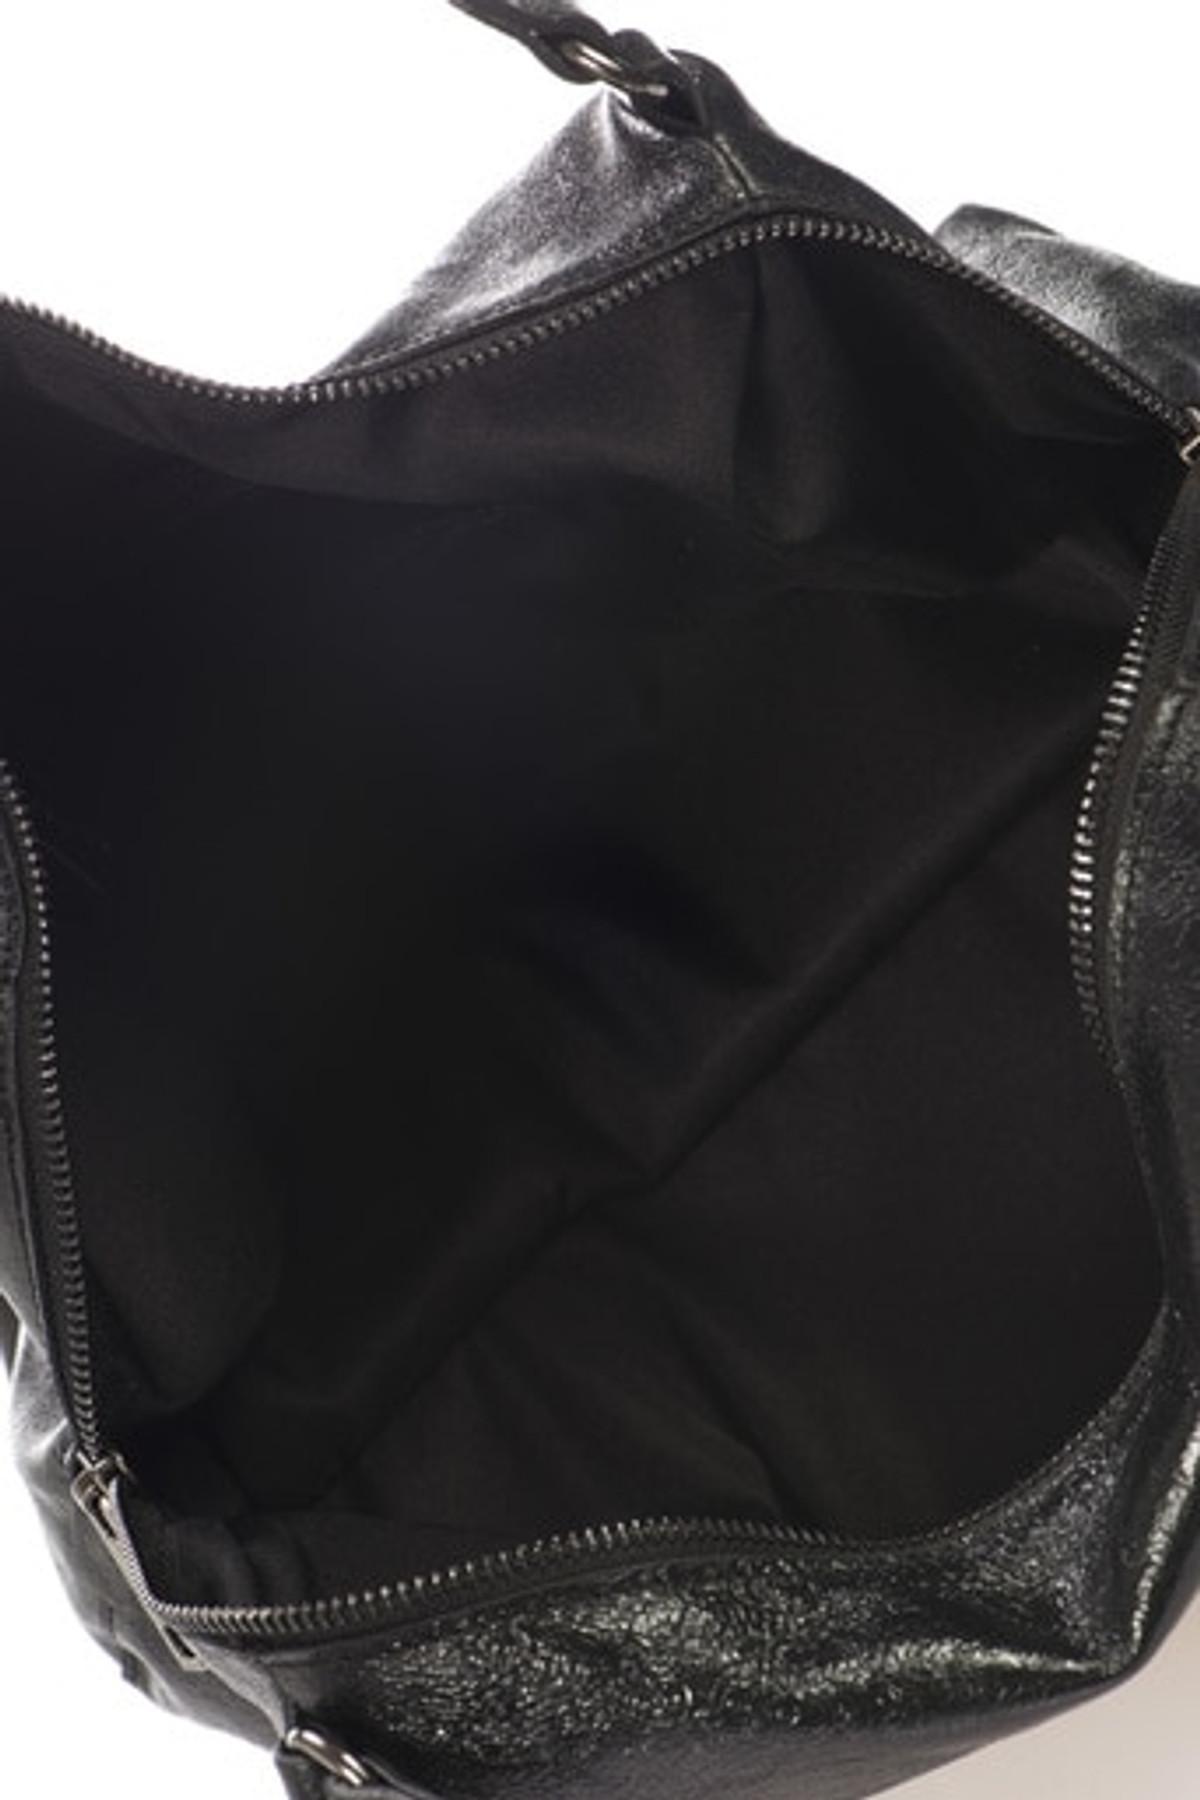 KROLE KR17009 BLACK